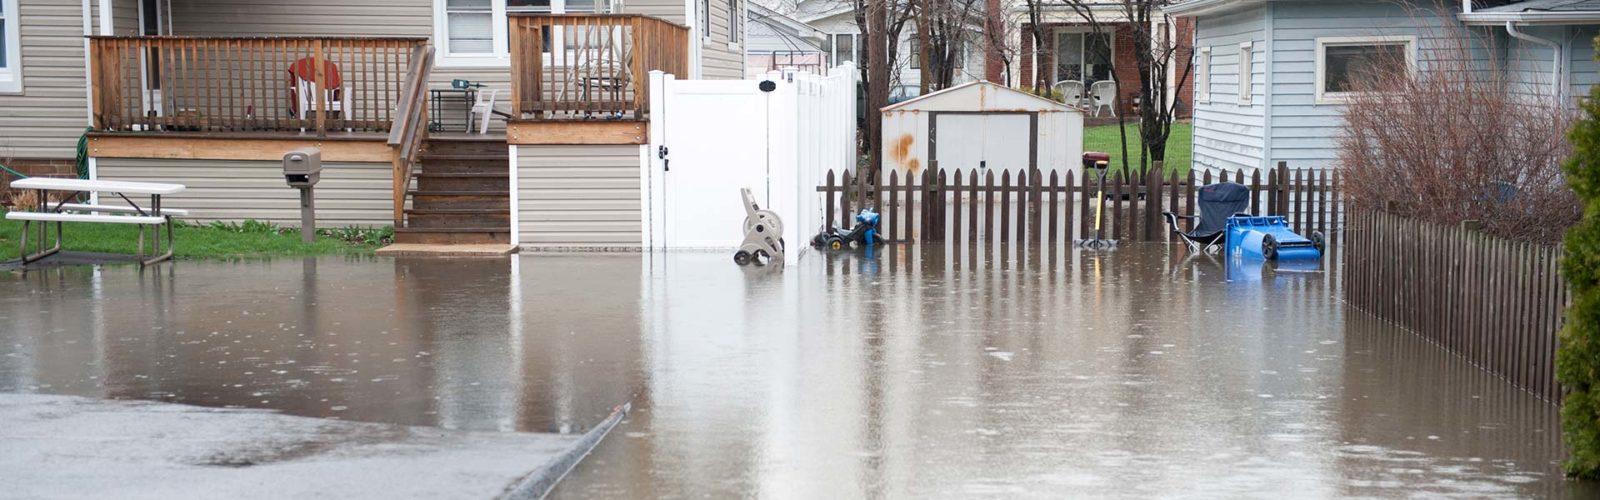 Flood Insurance in Deer Park, Massapequa, Brooklyn